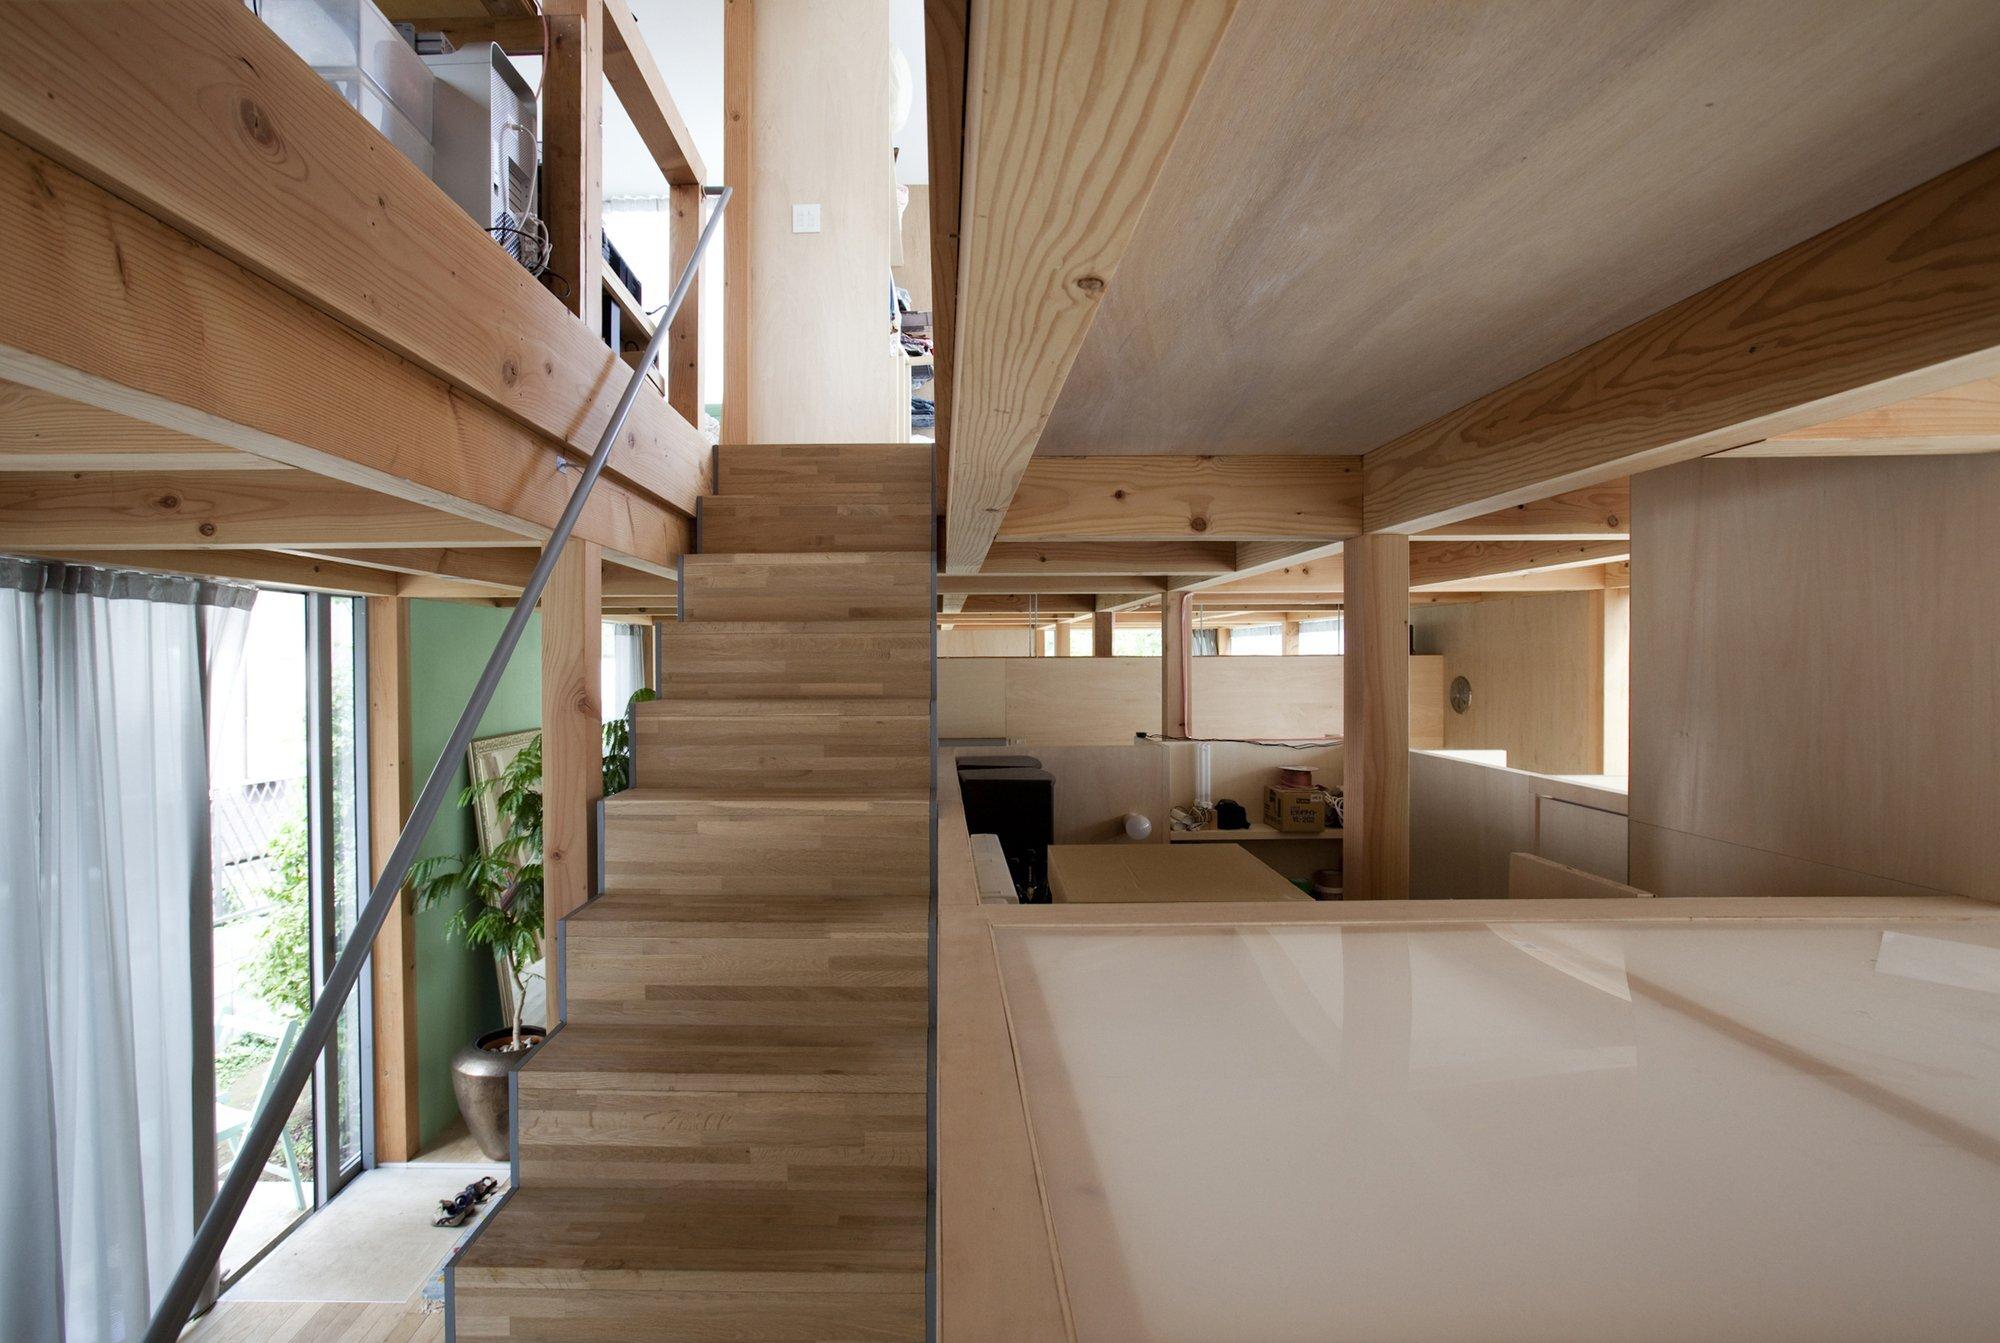 Double Circular Rings - Todoroki - Teppei Fujiwara Architects Labo - Small House Japan - Staircase - Humble Homes